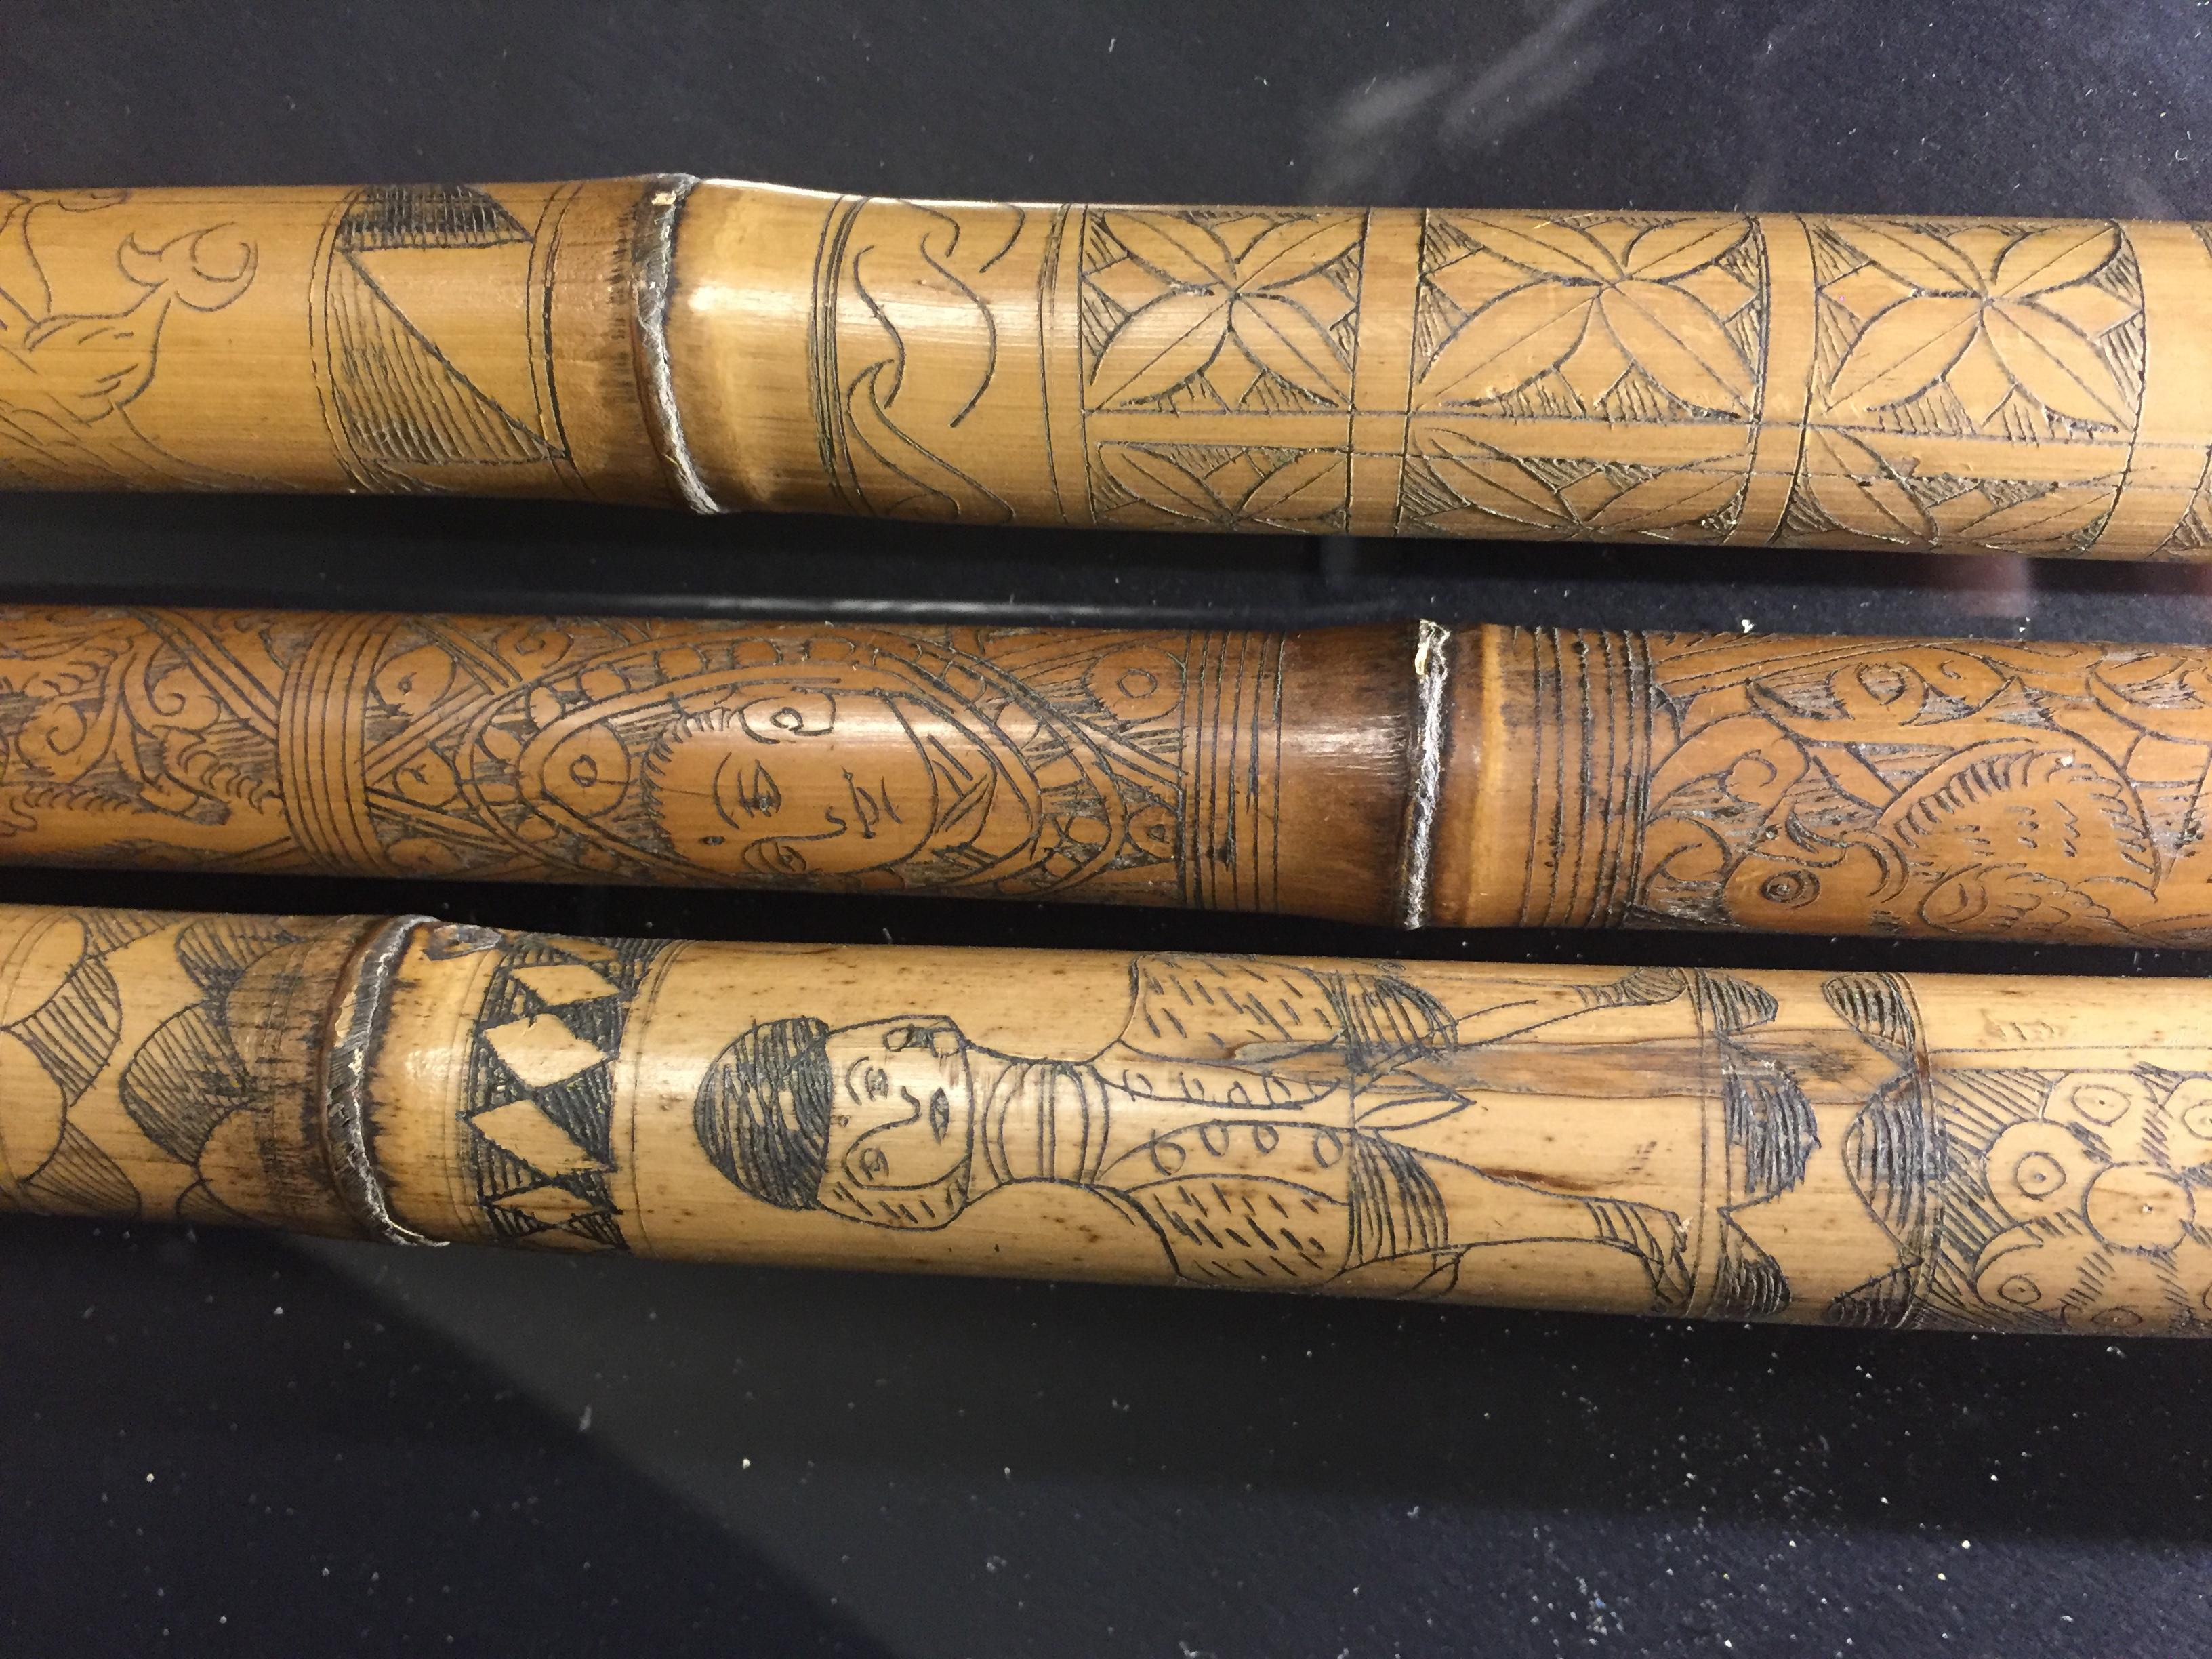 IRAN (?). Trois bambous gravés à décor en médaillon de profils de personnages, [...] - Image 3 of 6